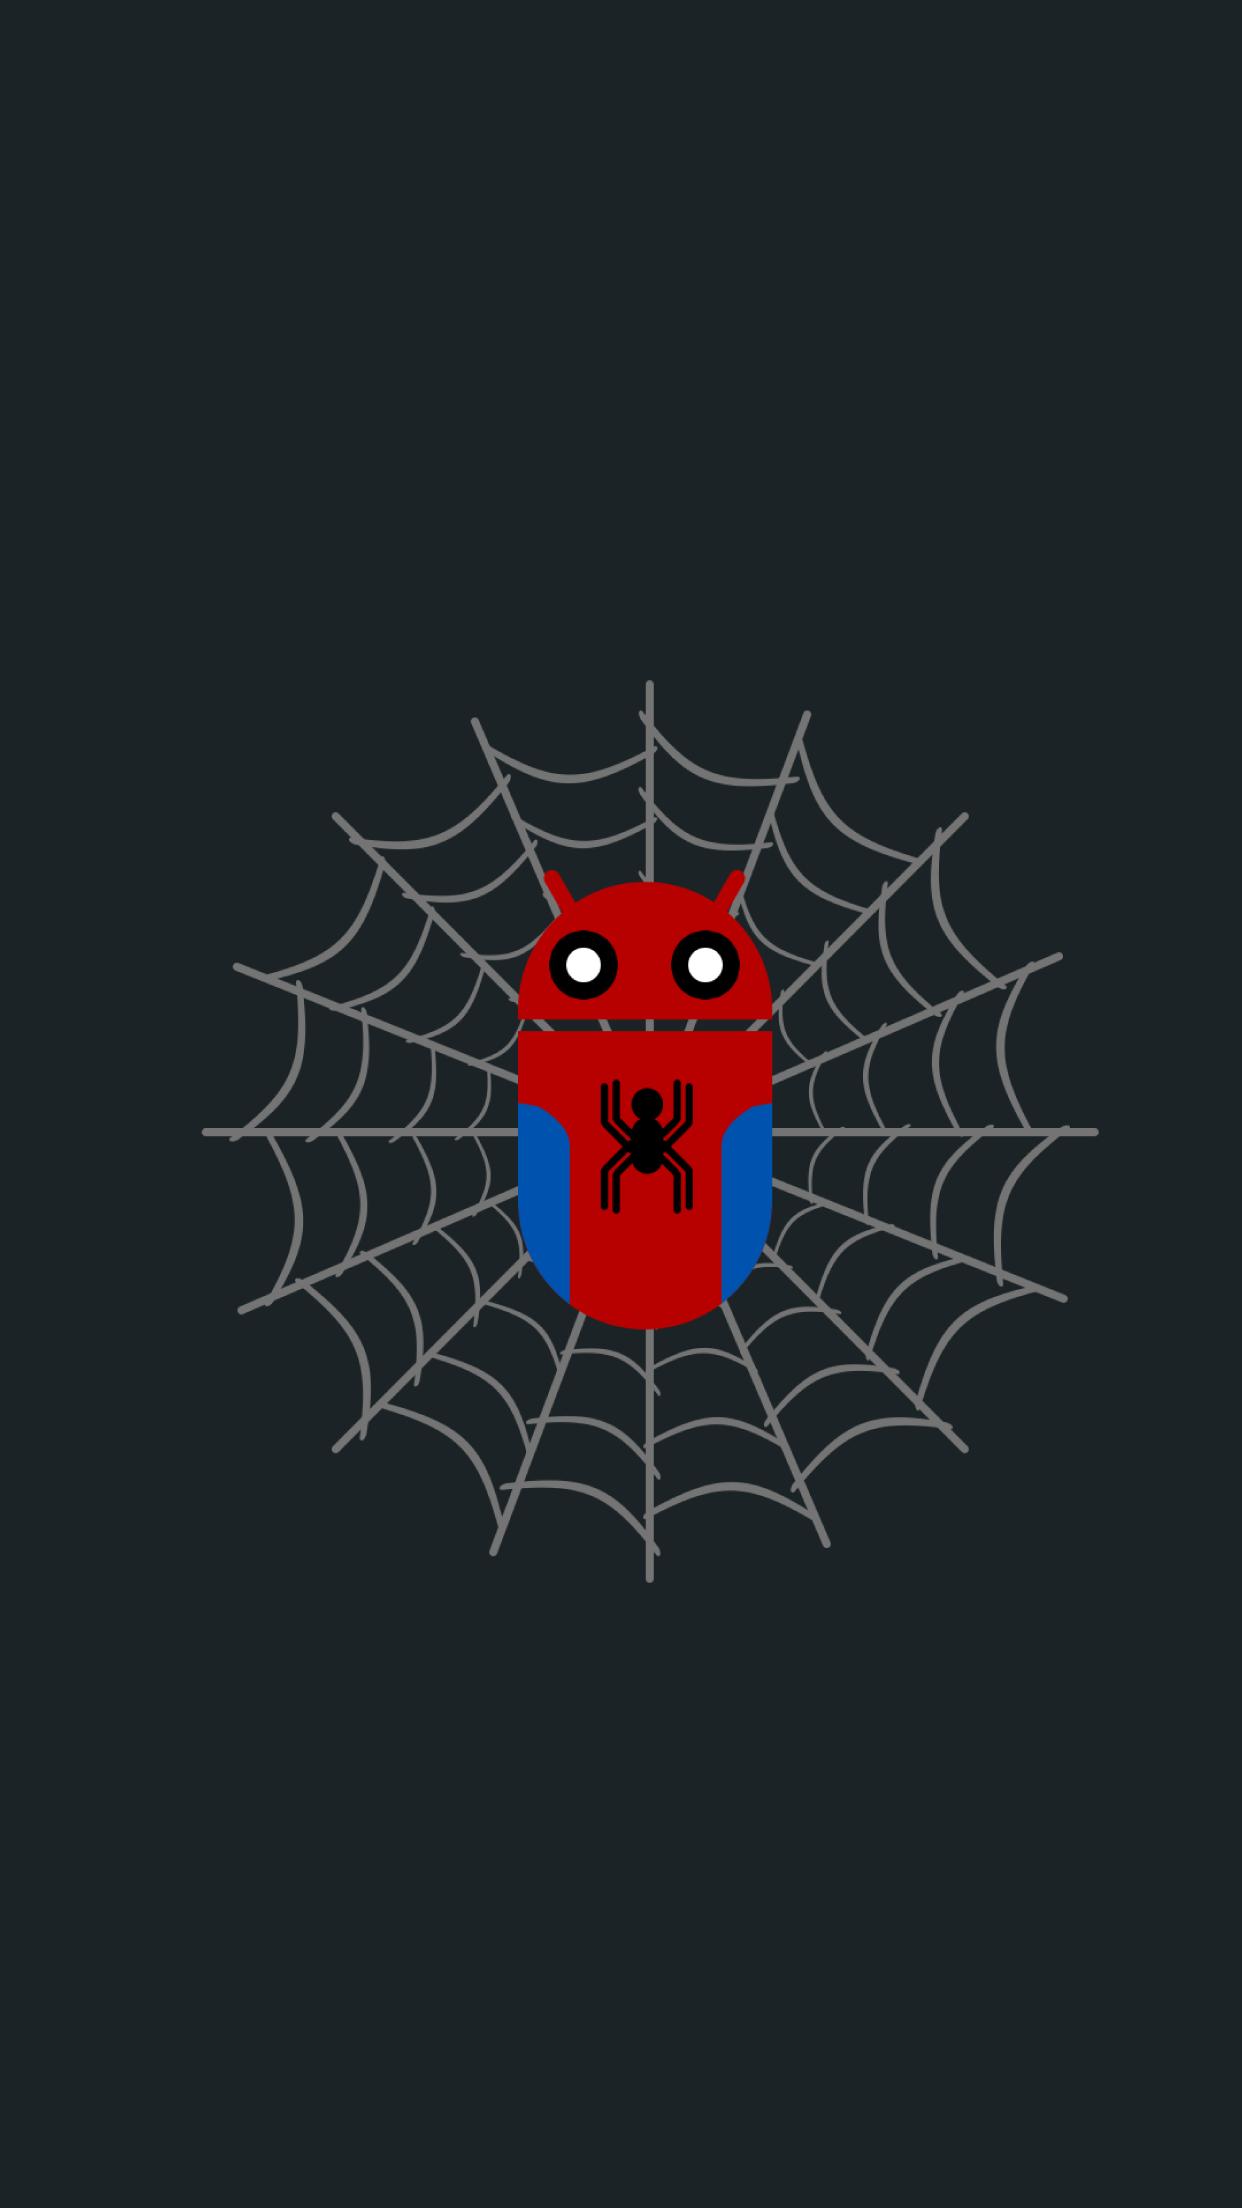 Acquista personaggi dei cartoni animati gonfiabili uomo ragno